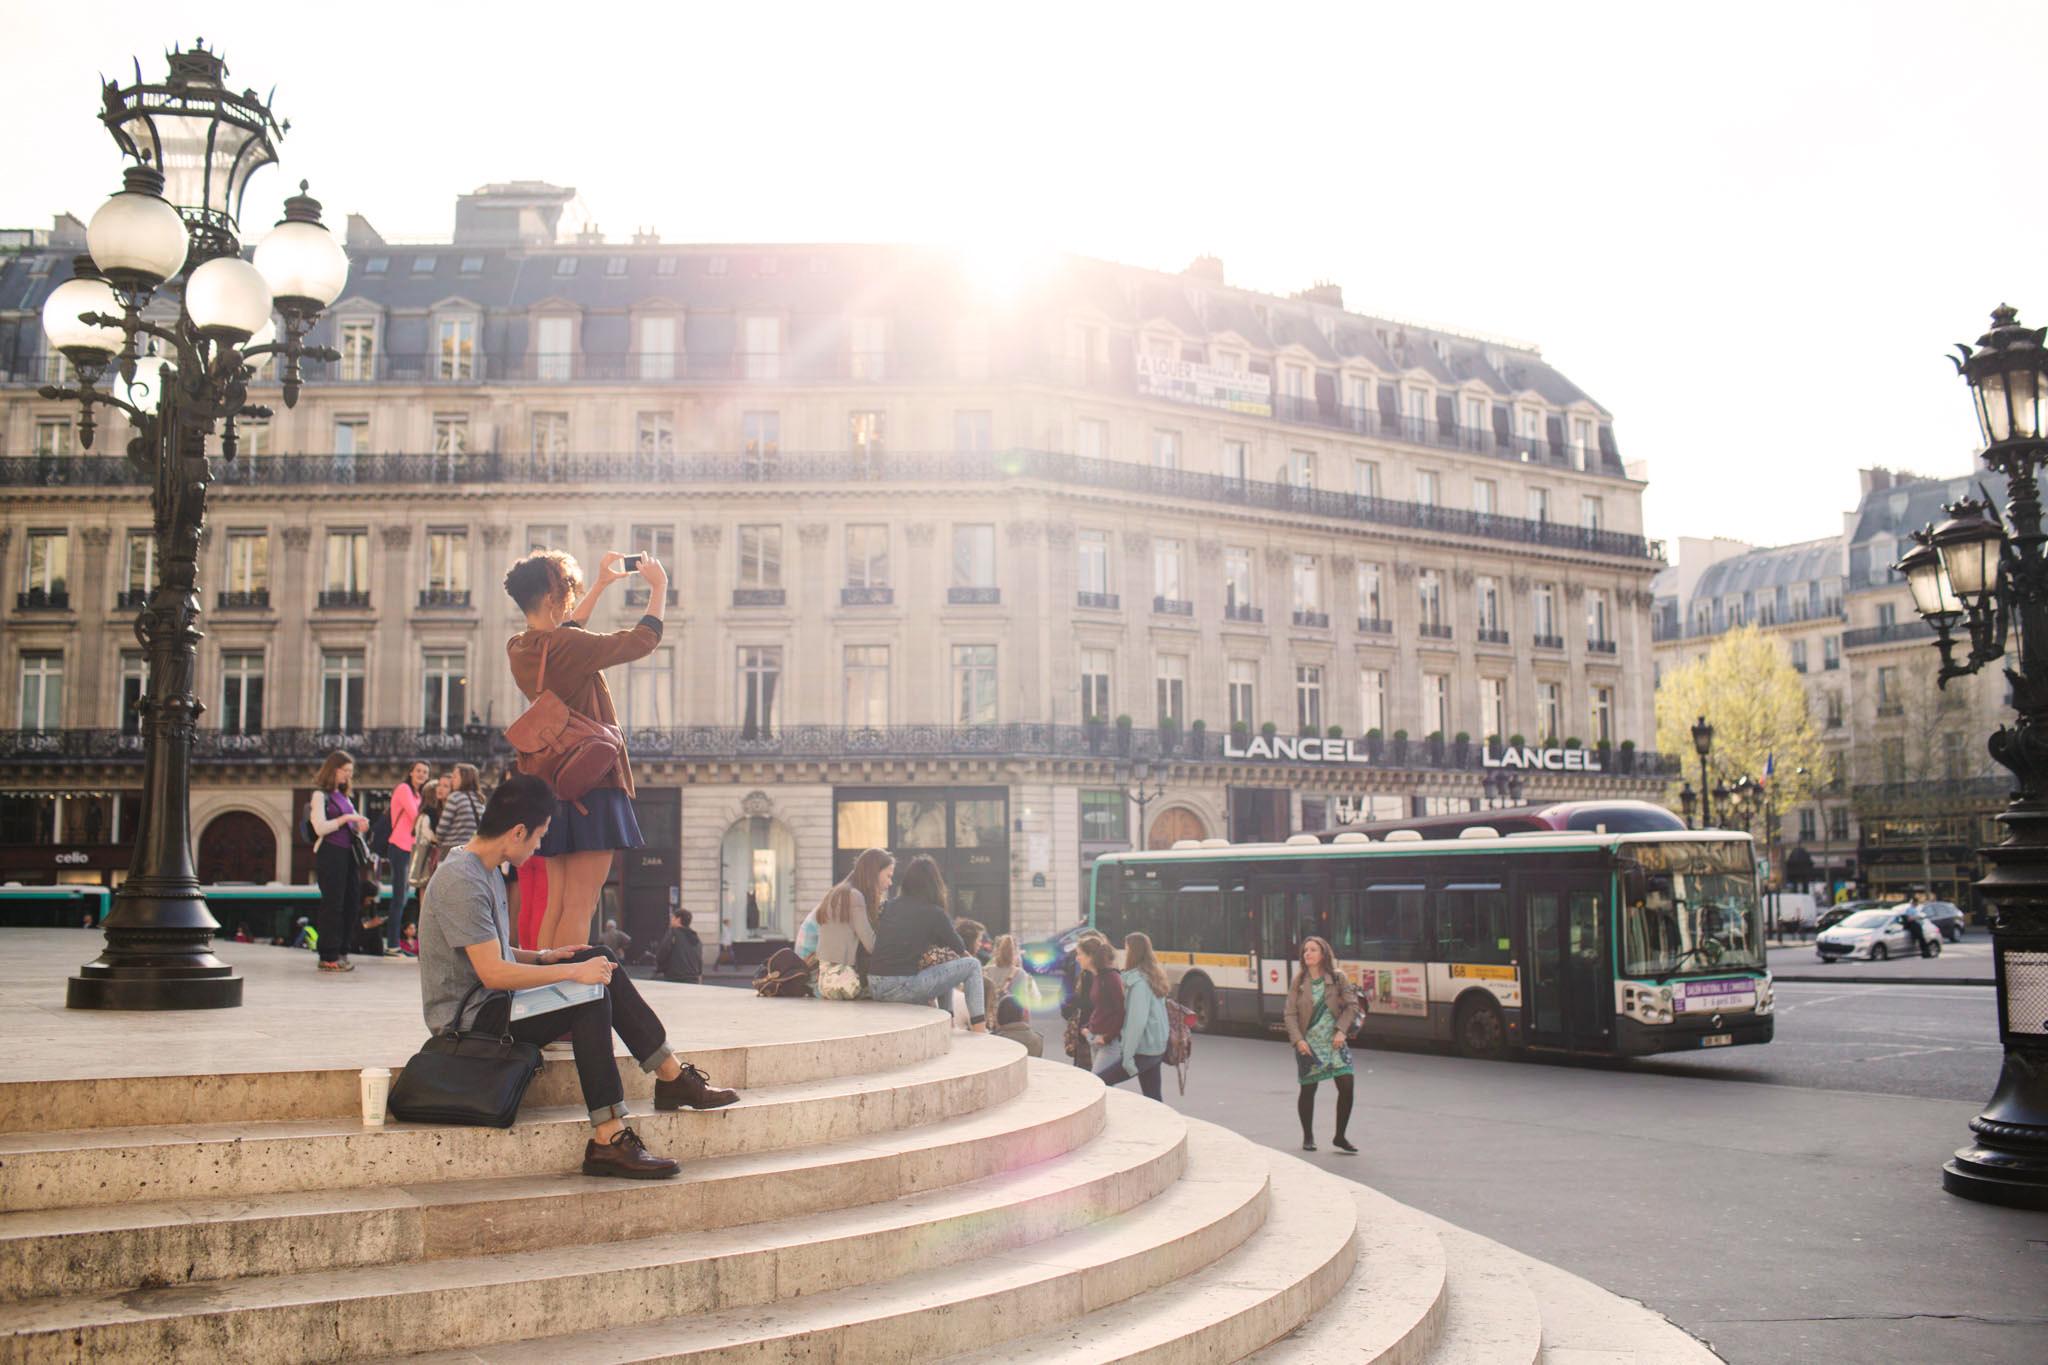 Gap Year Program - EF Language Year Abroad in Paris  2